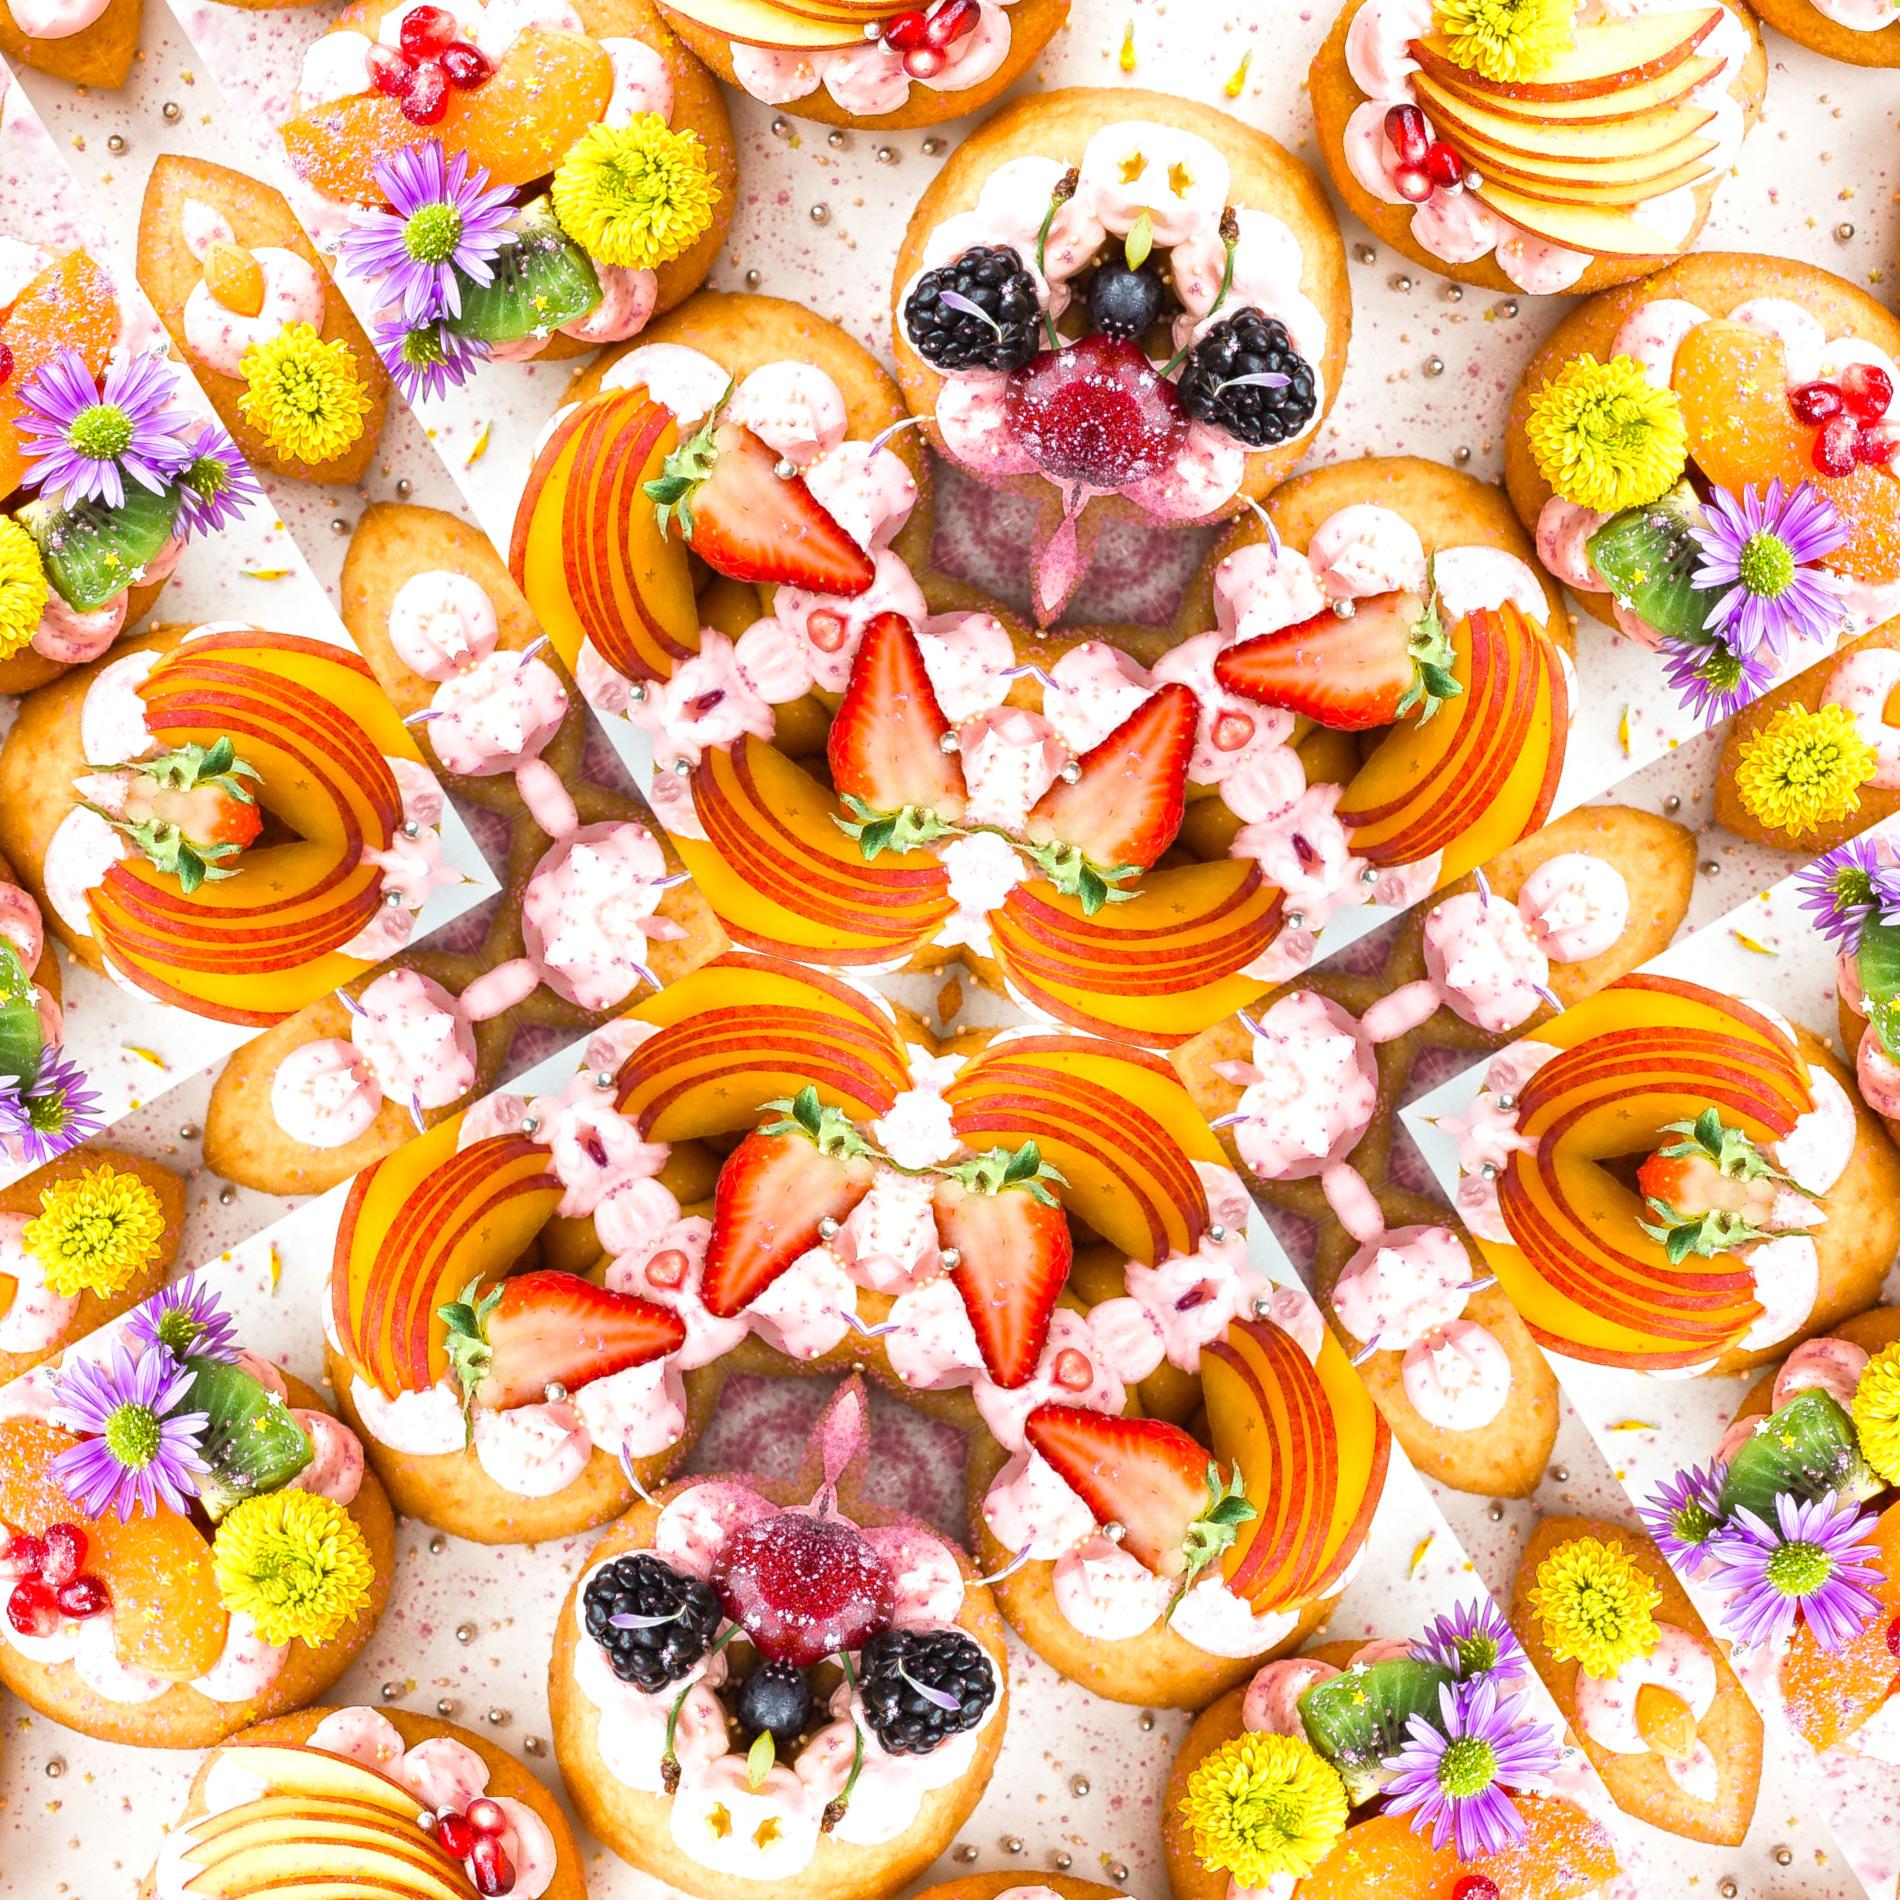 カラフルかわいい&フルーツタルトのパターン壁紙:リアル